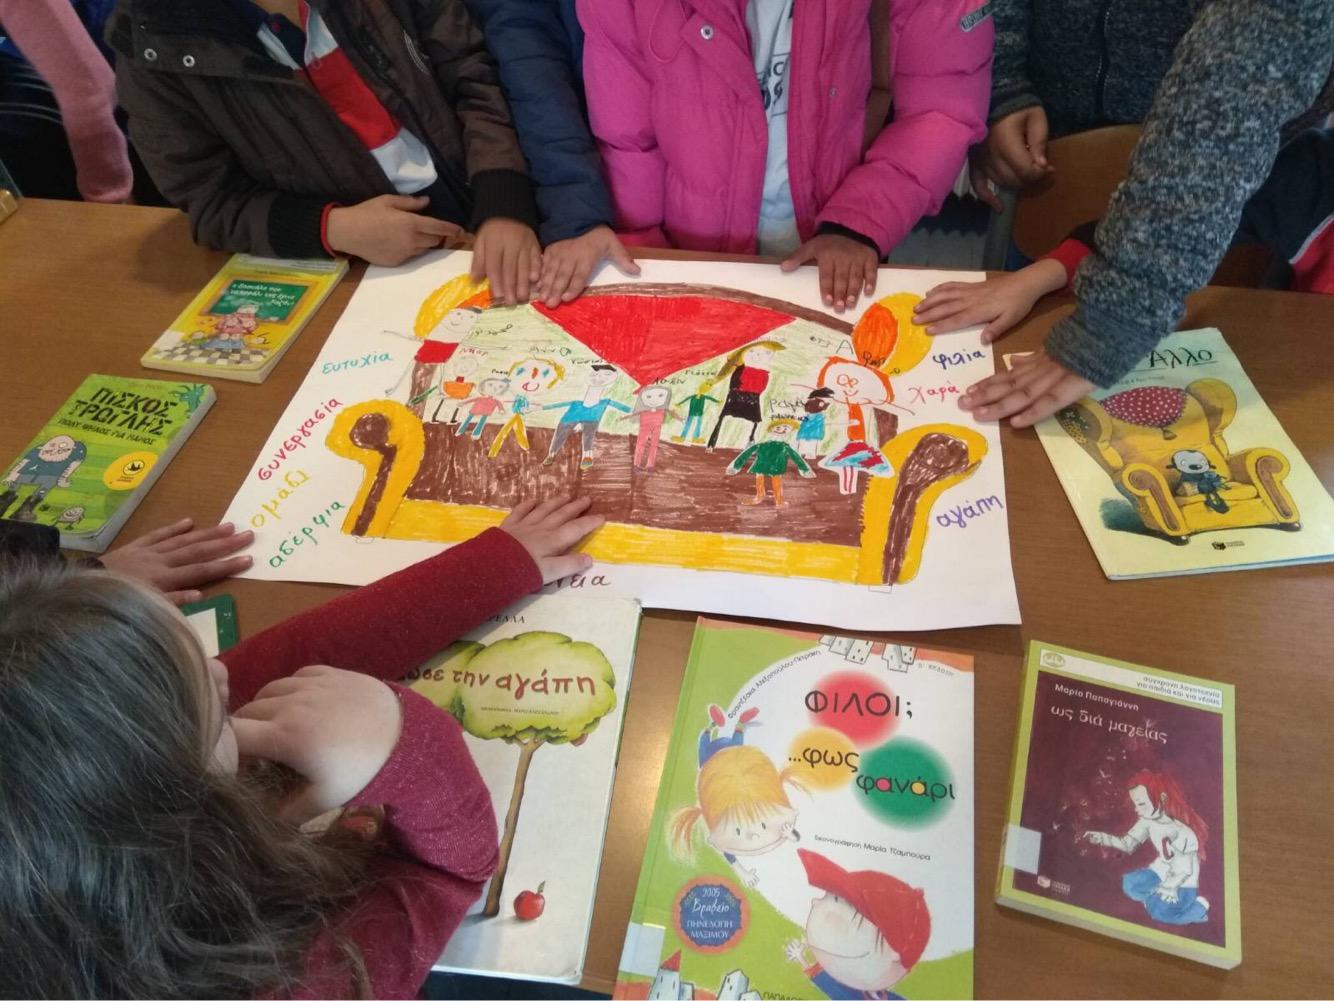 Τη βιβλιοθήκη επισκέφτηκαν οι μαθητές του δημοτικού και του νηπιαγωγείου Κρανιάς μαζί με τους μαθητές του τμήματος ΔΥΕΠ